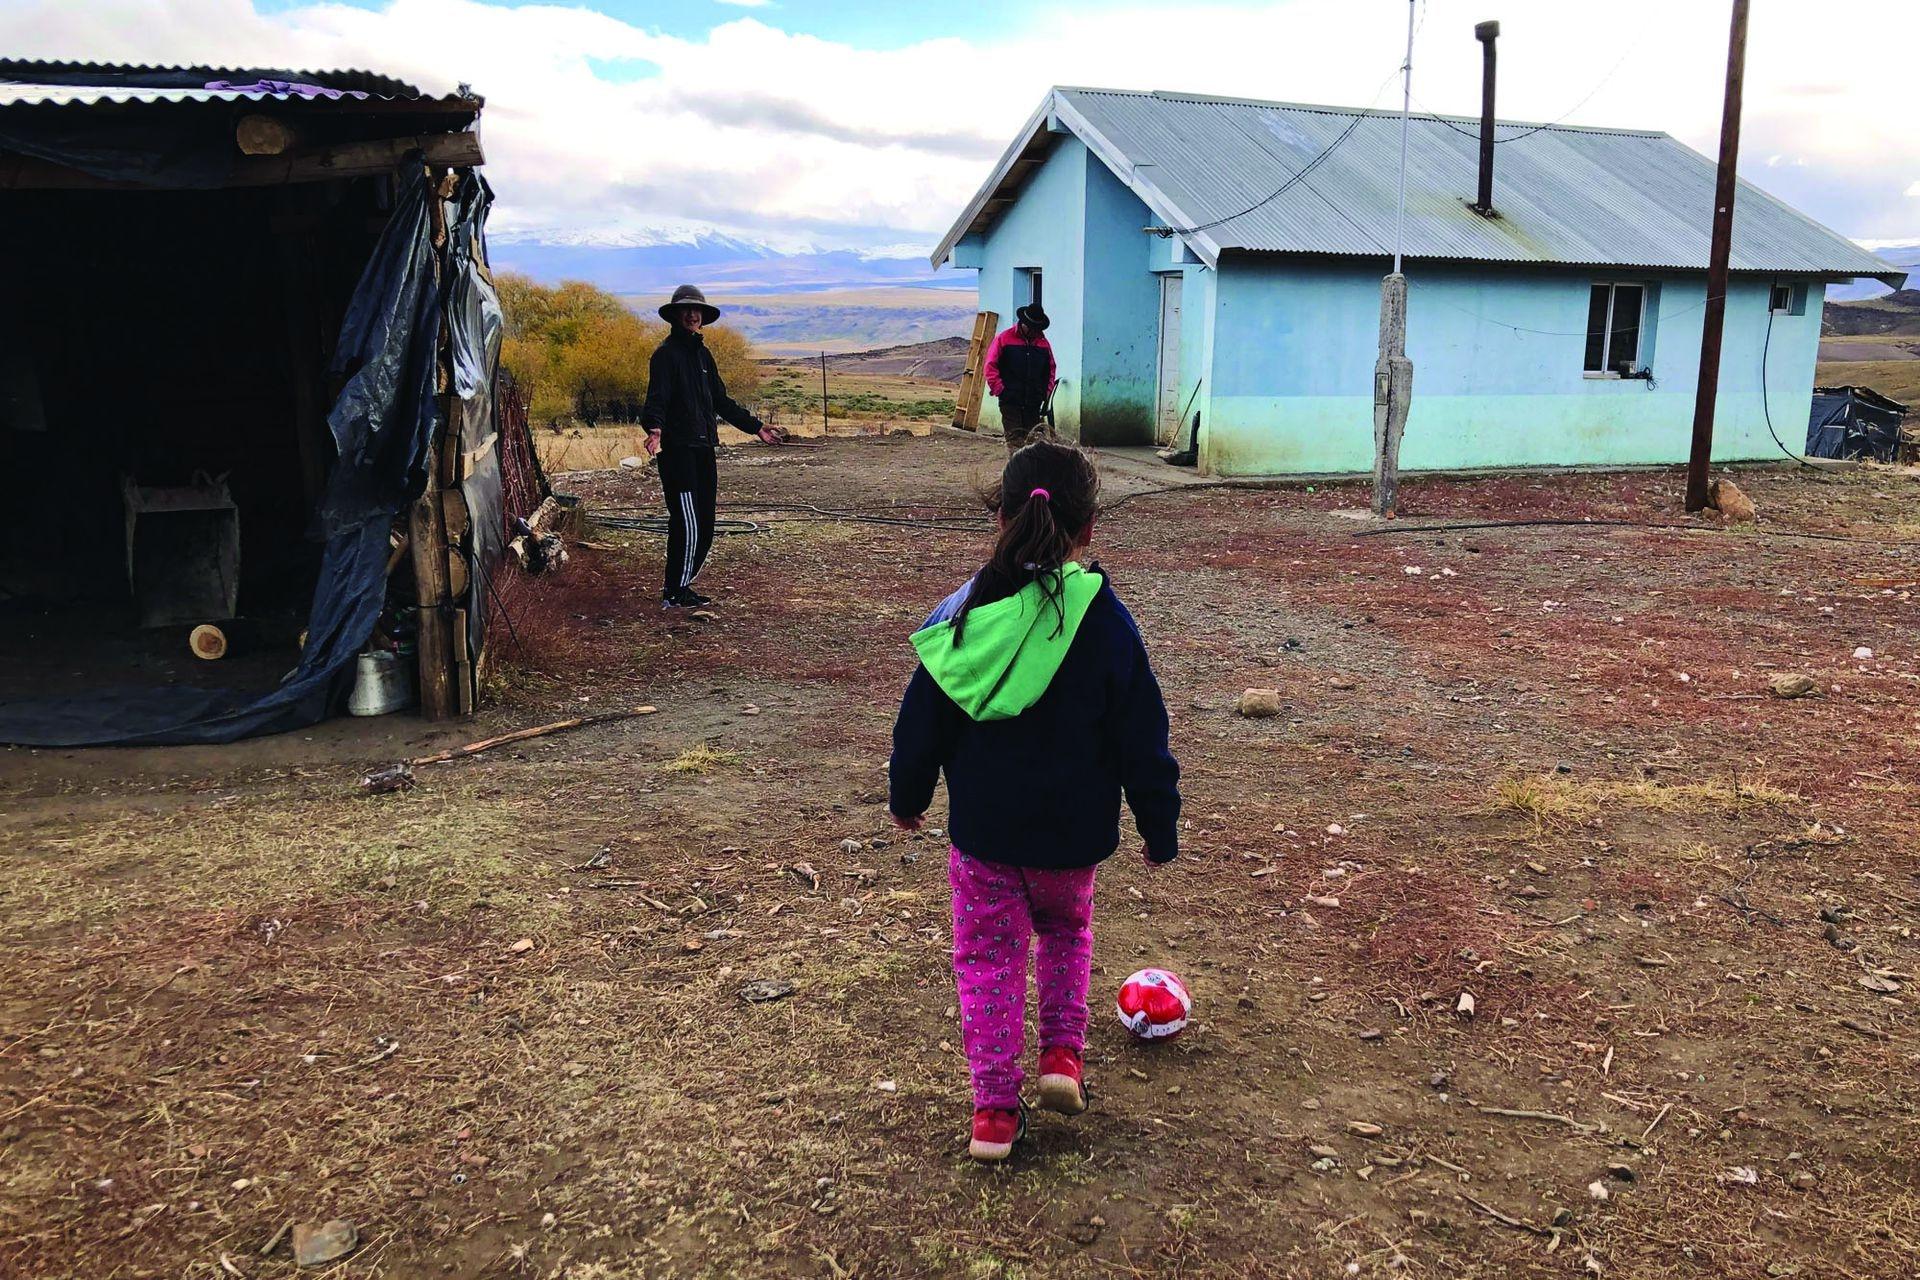 Cuando tienen un rato libre, Shaiela y Jhonatan se ponen a jugar al fútbol